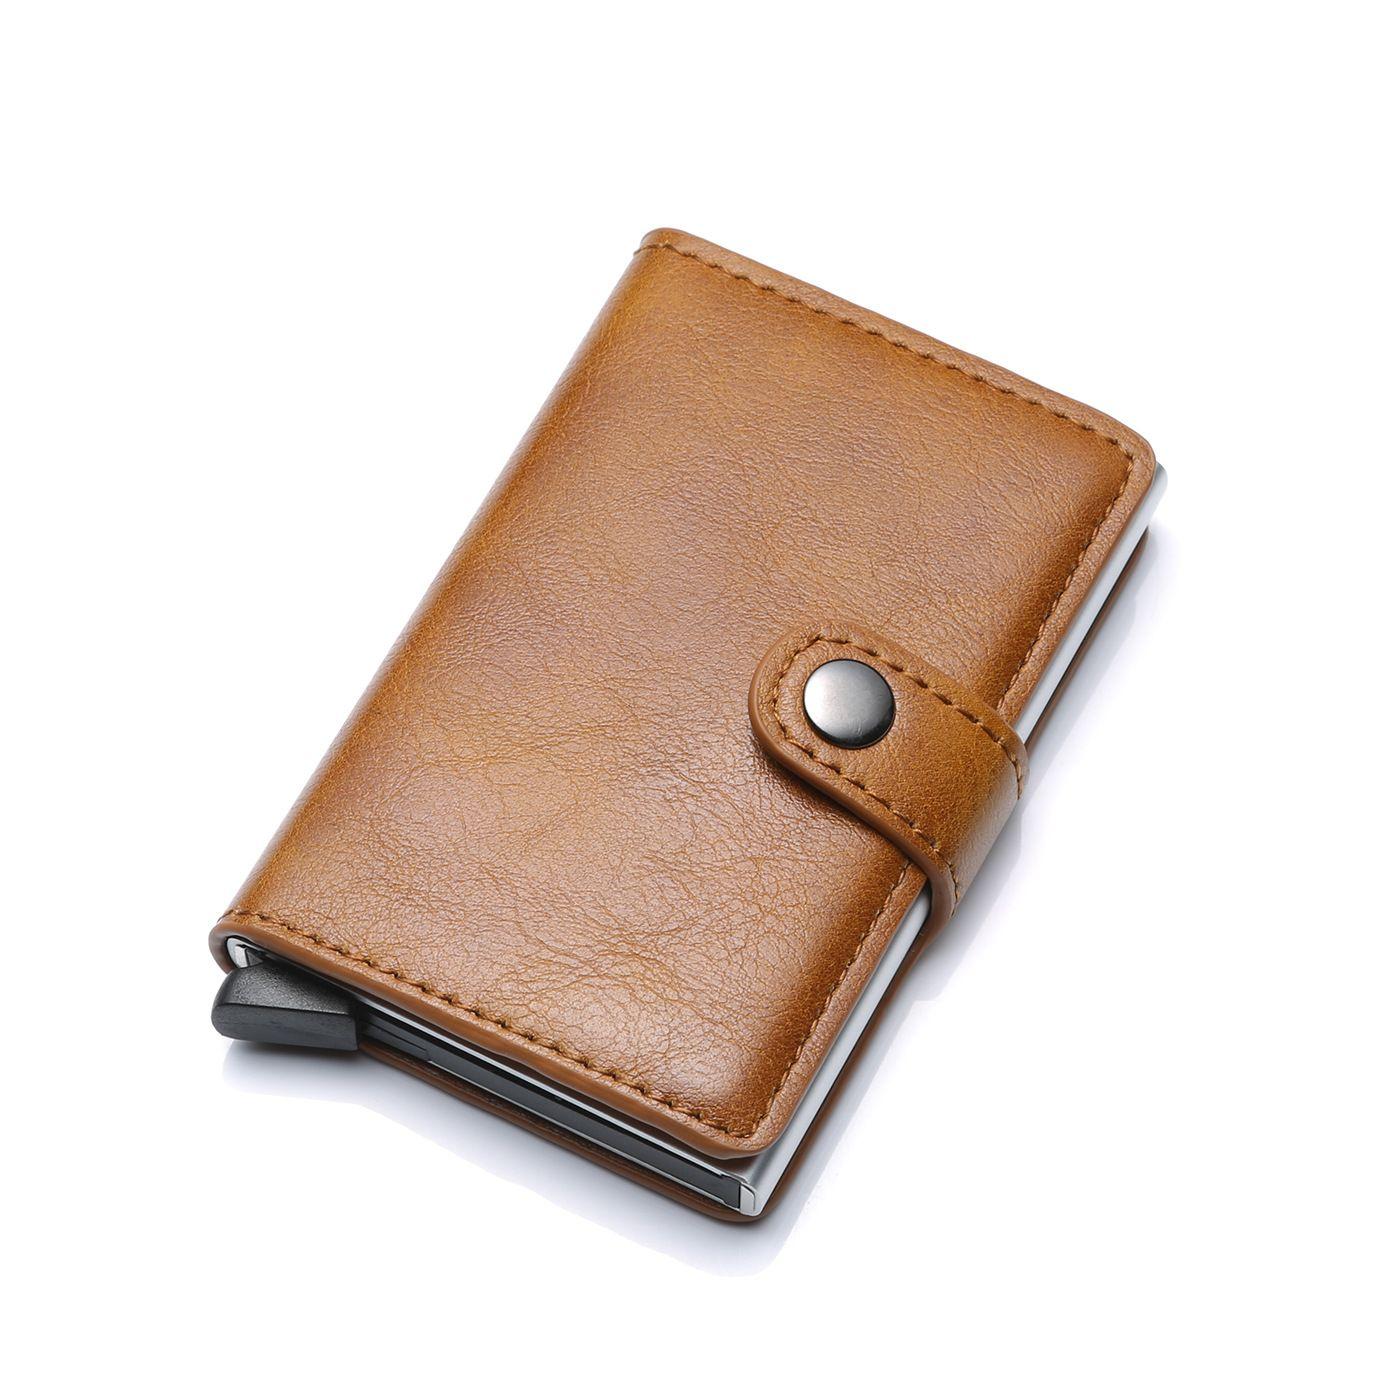 Nouveau Anti-vol automatique carte de crédit porte-monnaie hommes en aluminium portefeuille poche arrière ID support de carte rfid bloquant Mini portefeuille magique